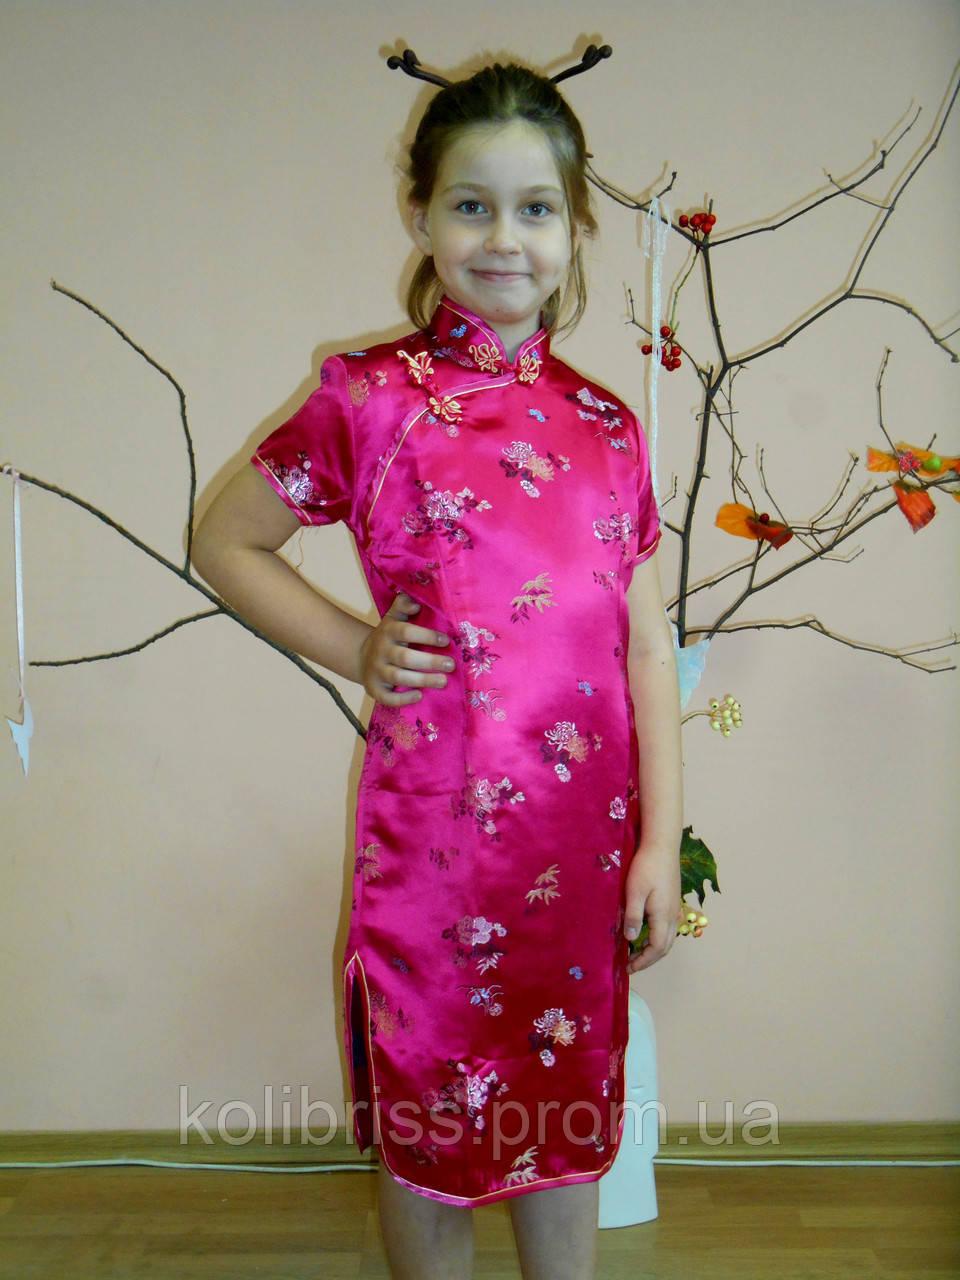 Детский китайский костюм прокат. Костюм японки, китайки прокат